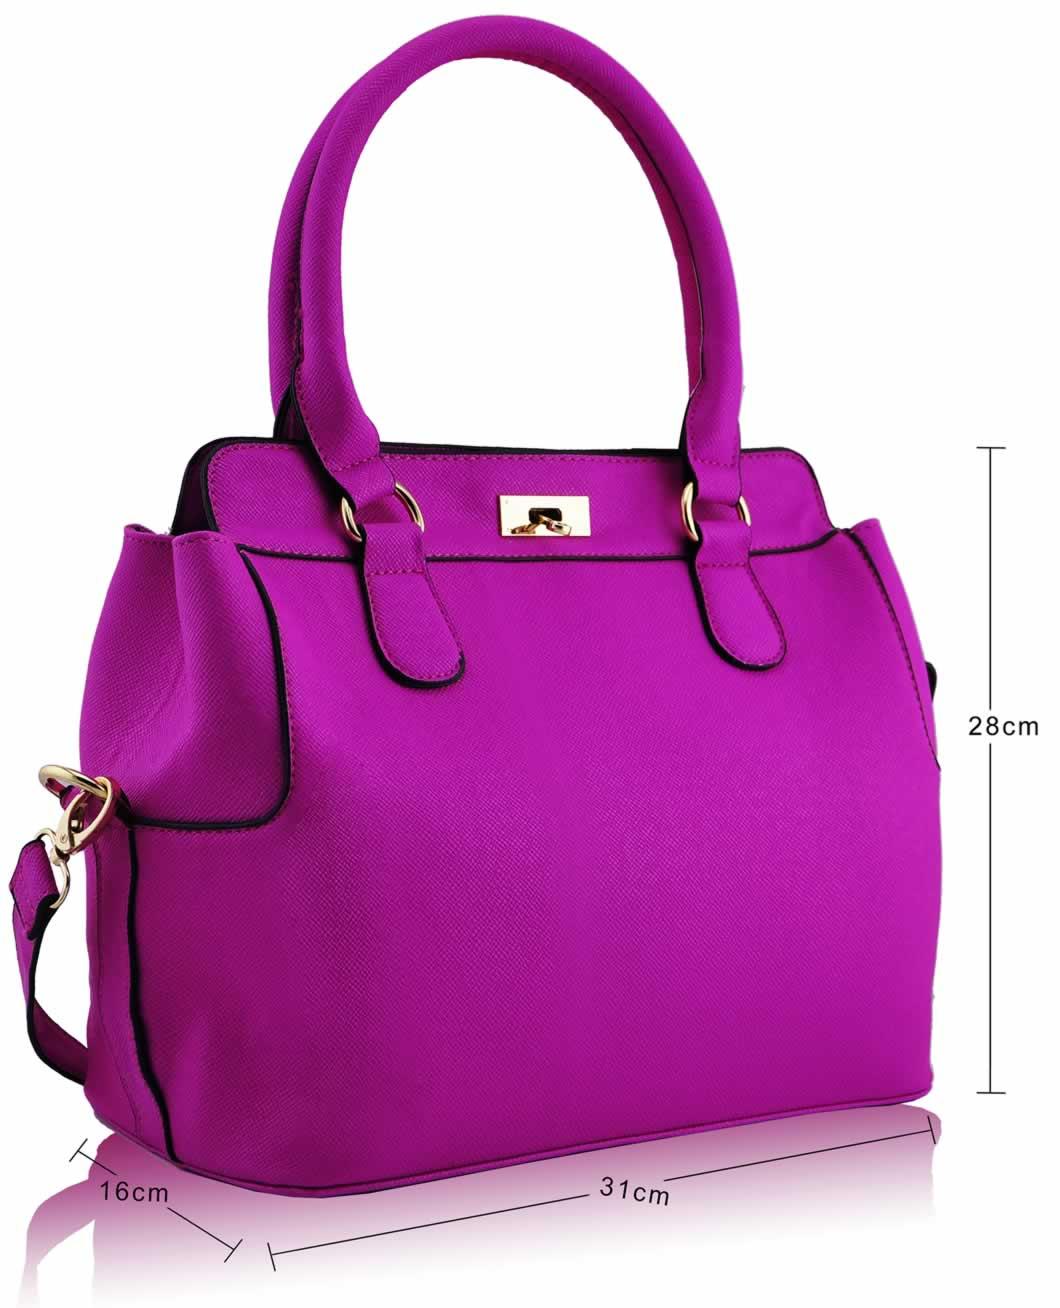 Home HANDBAGS LS0025 - Purple Fashion Tote Handbag